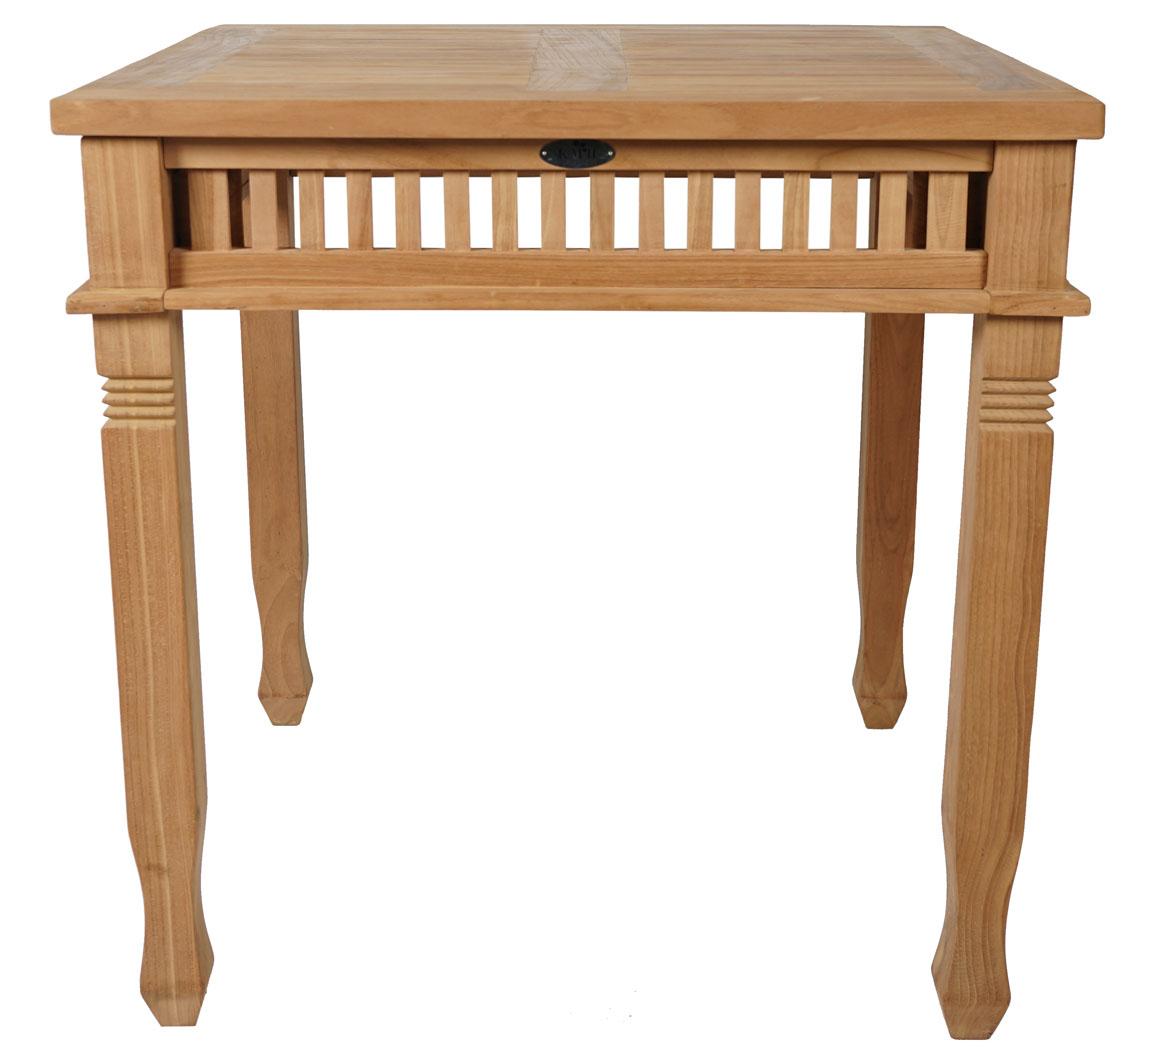 Details zu KMH® Teak Gartentisch 80 x 80cm Esstisch Teaktisch Holztisch Tisch Holz colonial